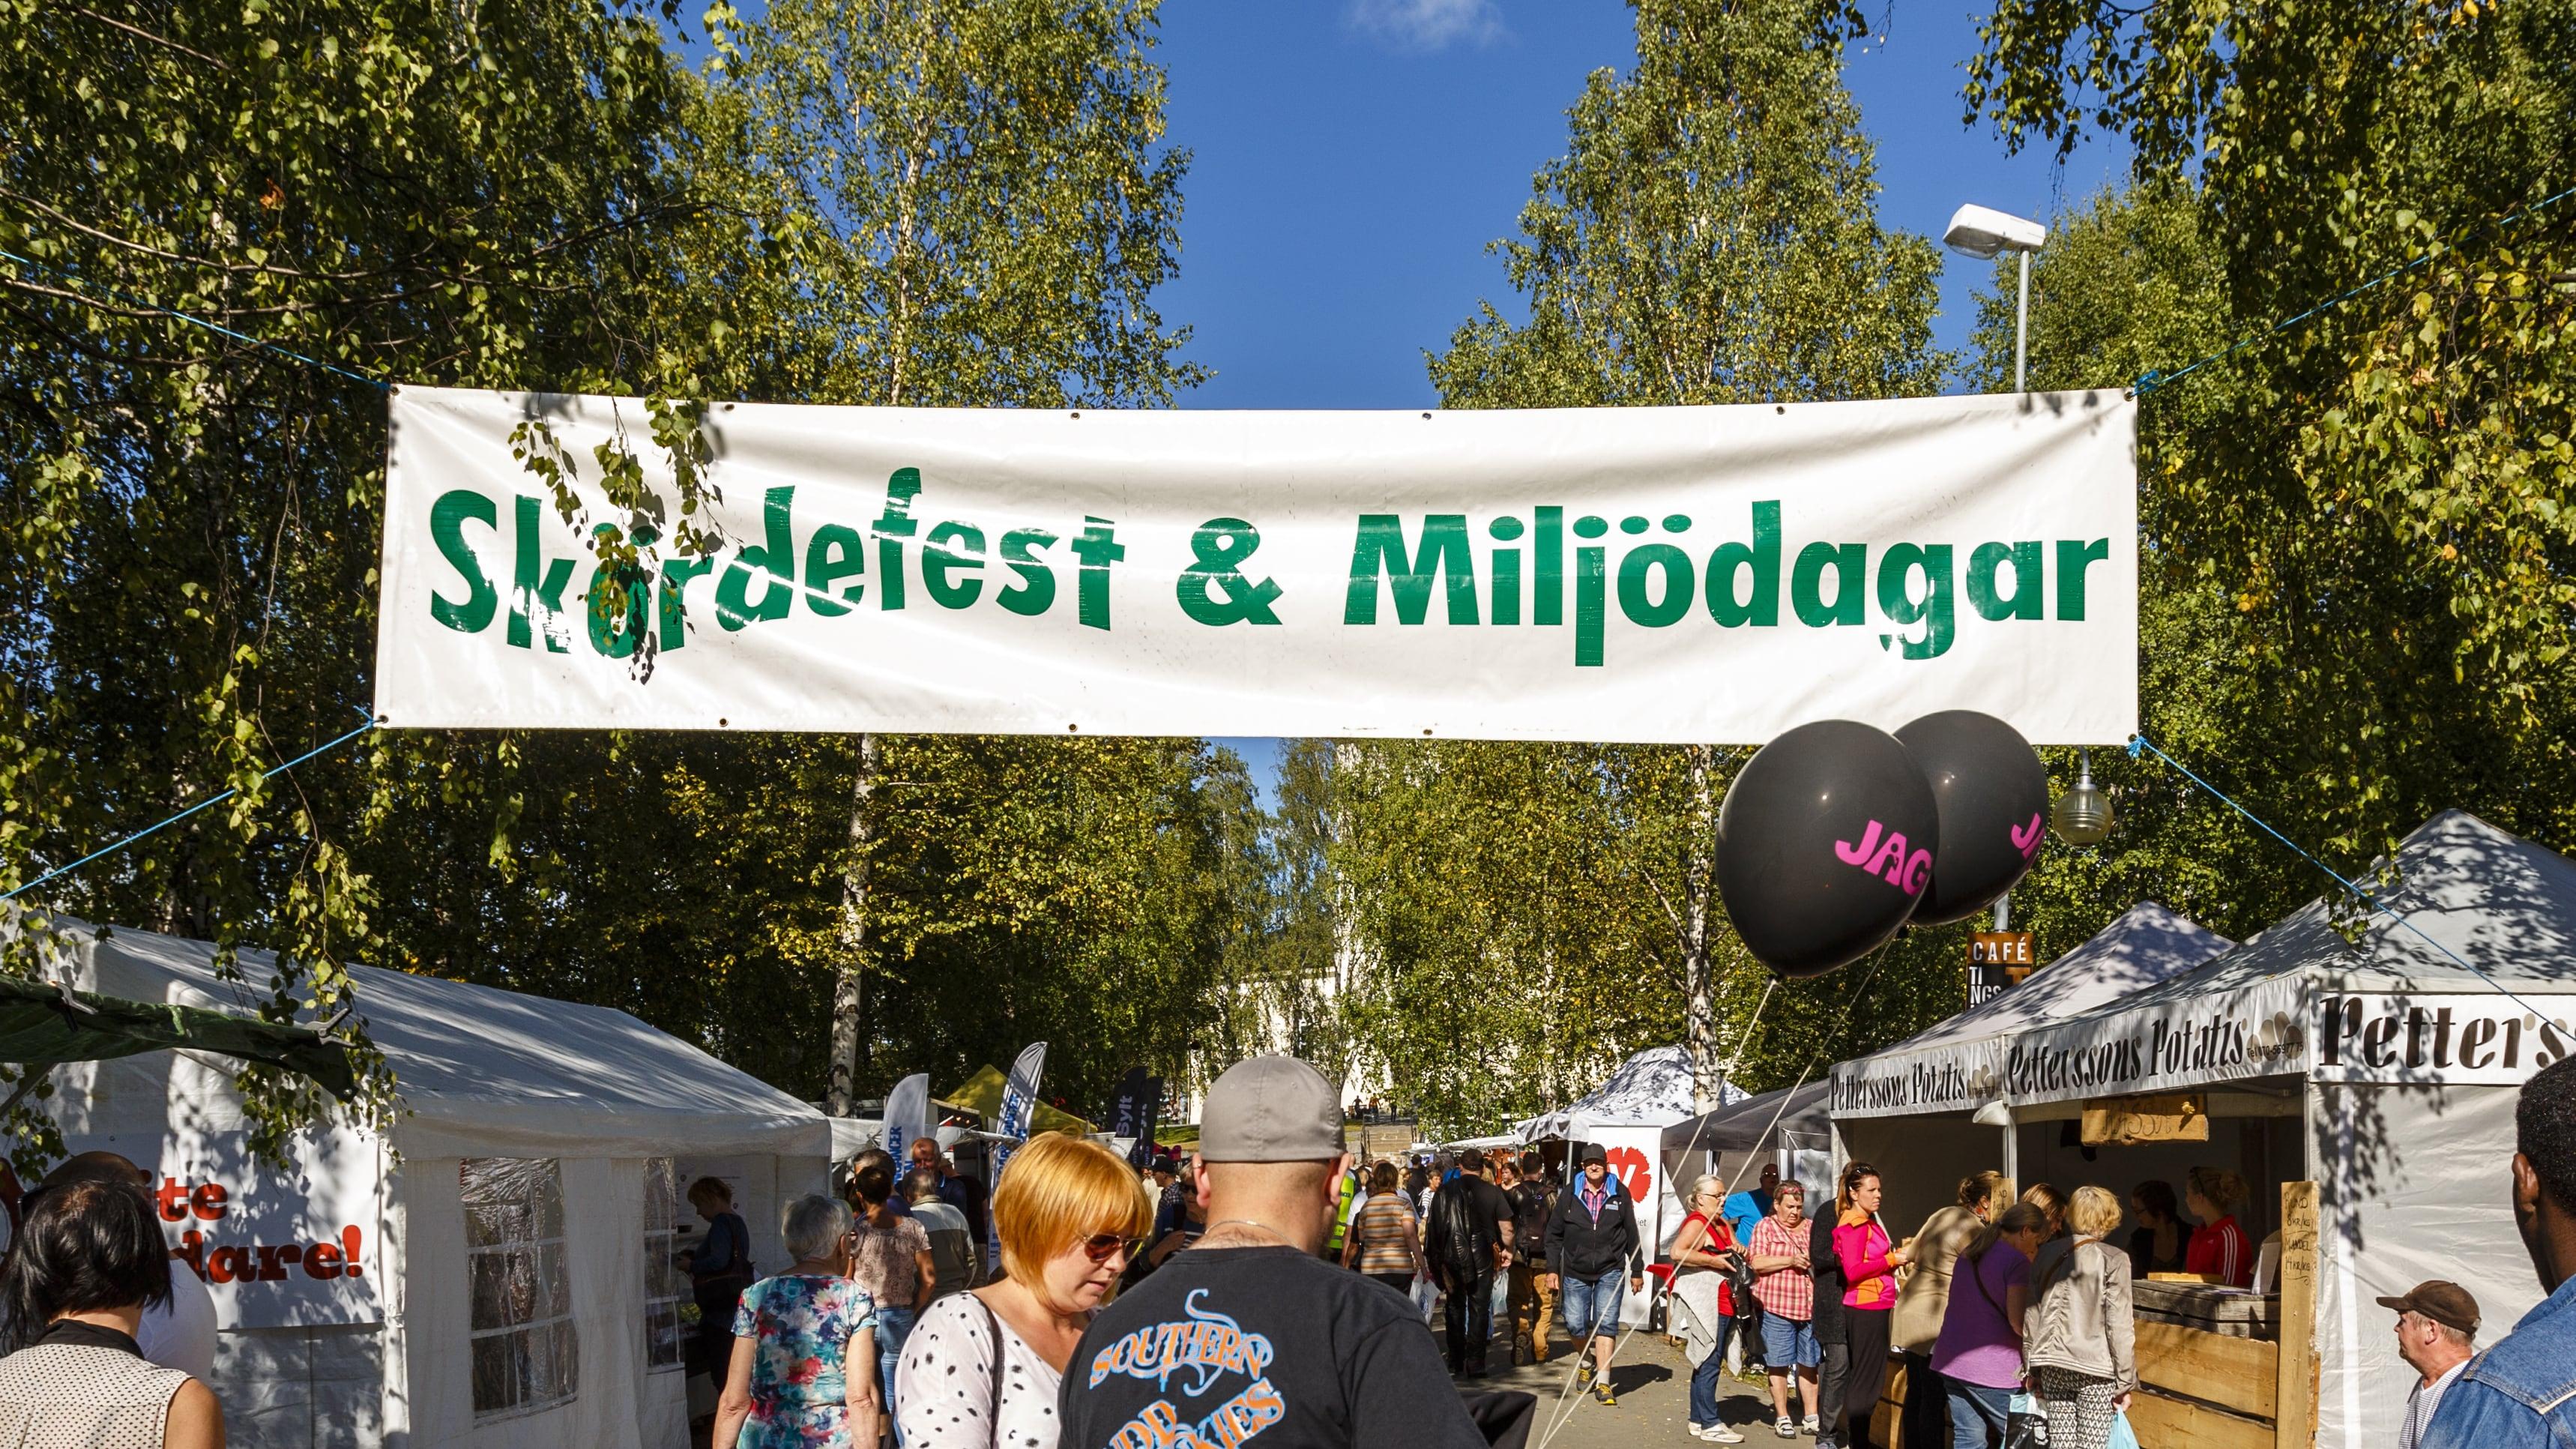 Krönika från Bodens kommun i Gratistidningen, vecka 32 2019 - Skördefest och miljödagar